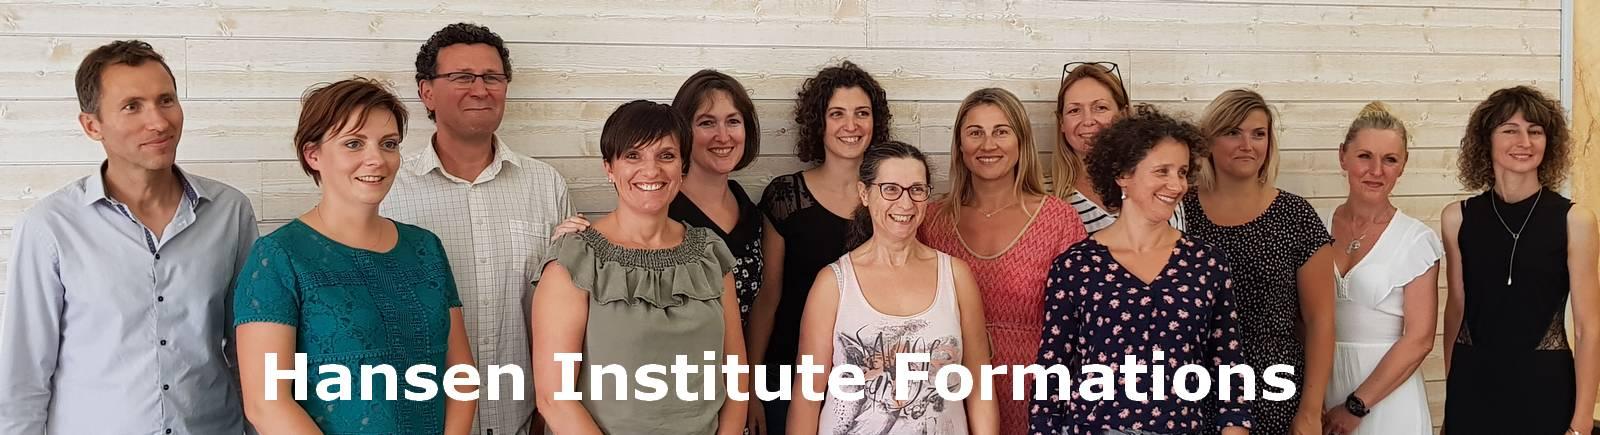 formation hansen institute